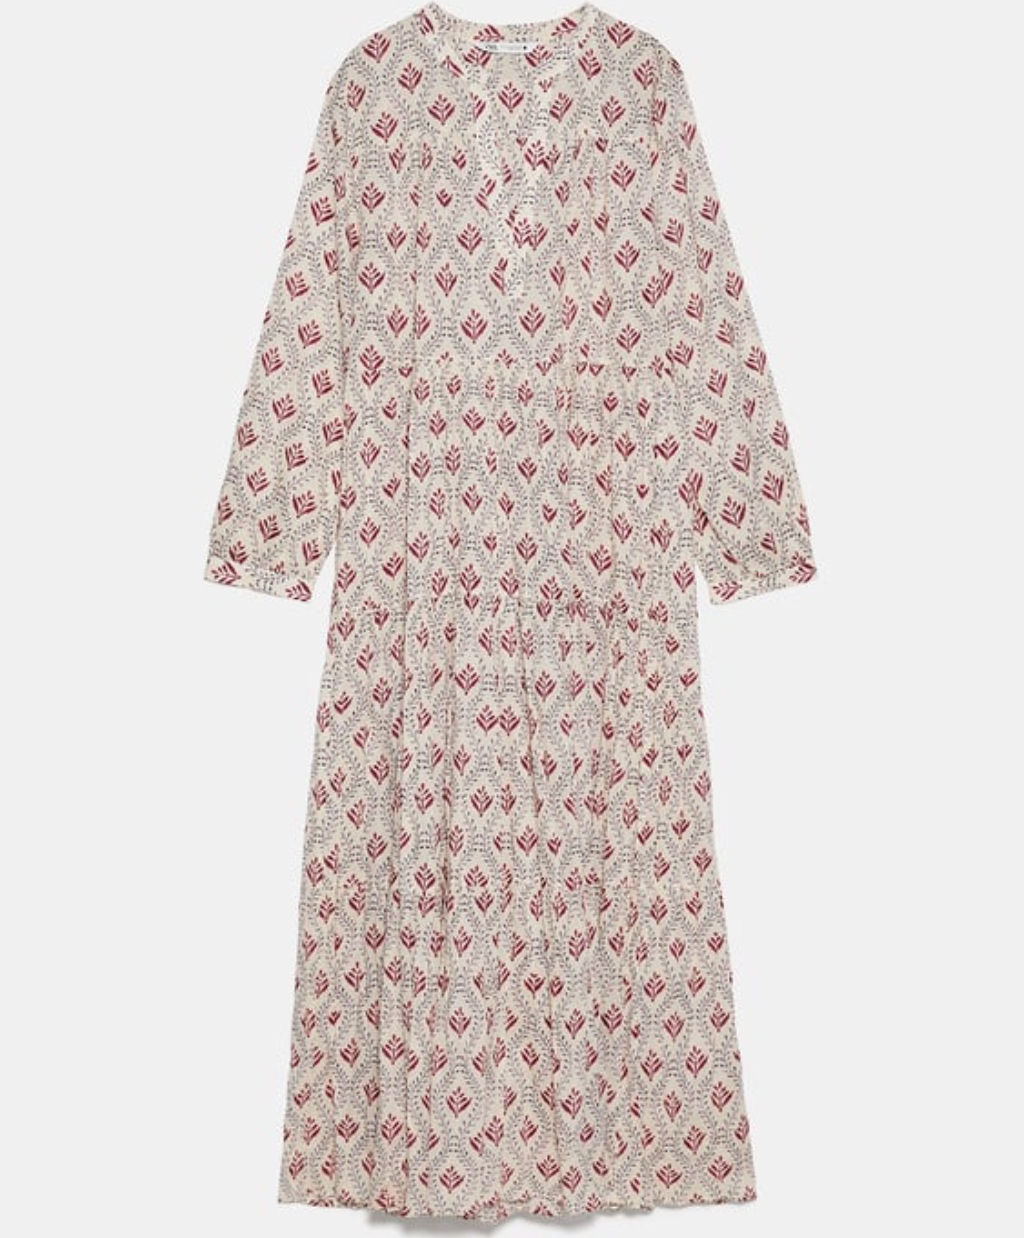 Εμπριμέ φόρεμα με όγκο Zara39,95 EUR